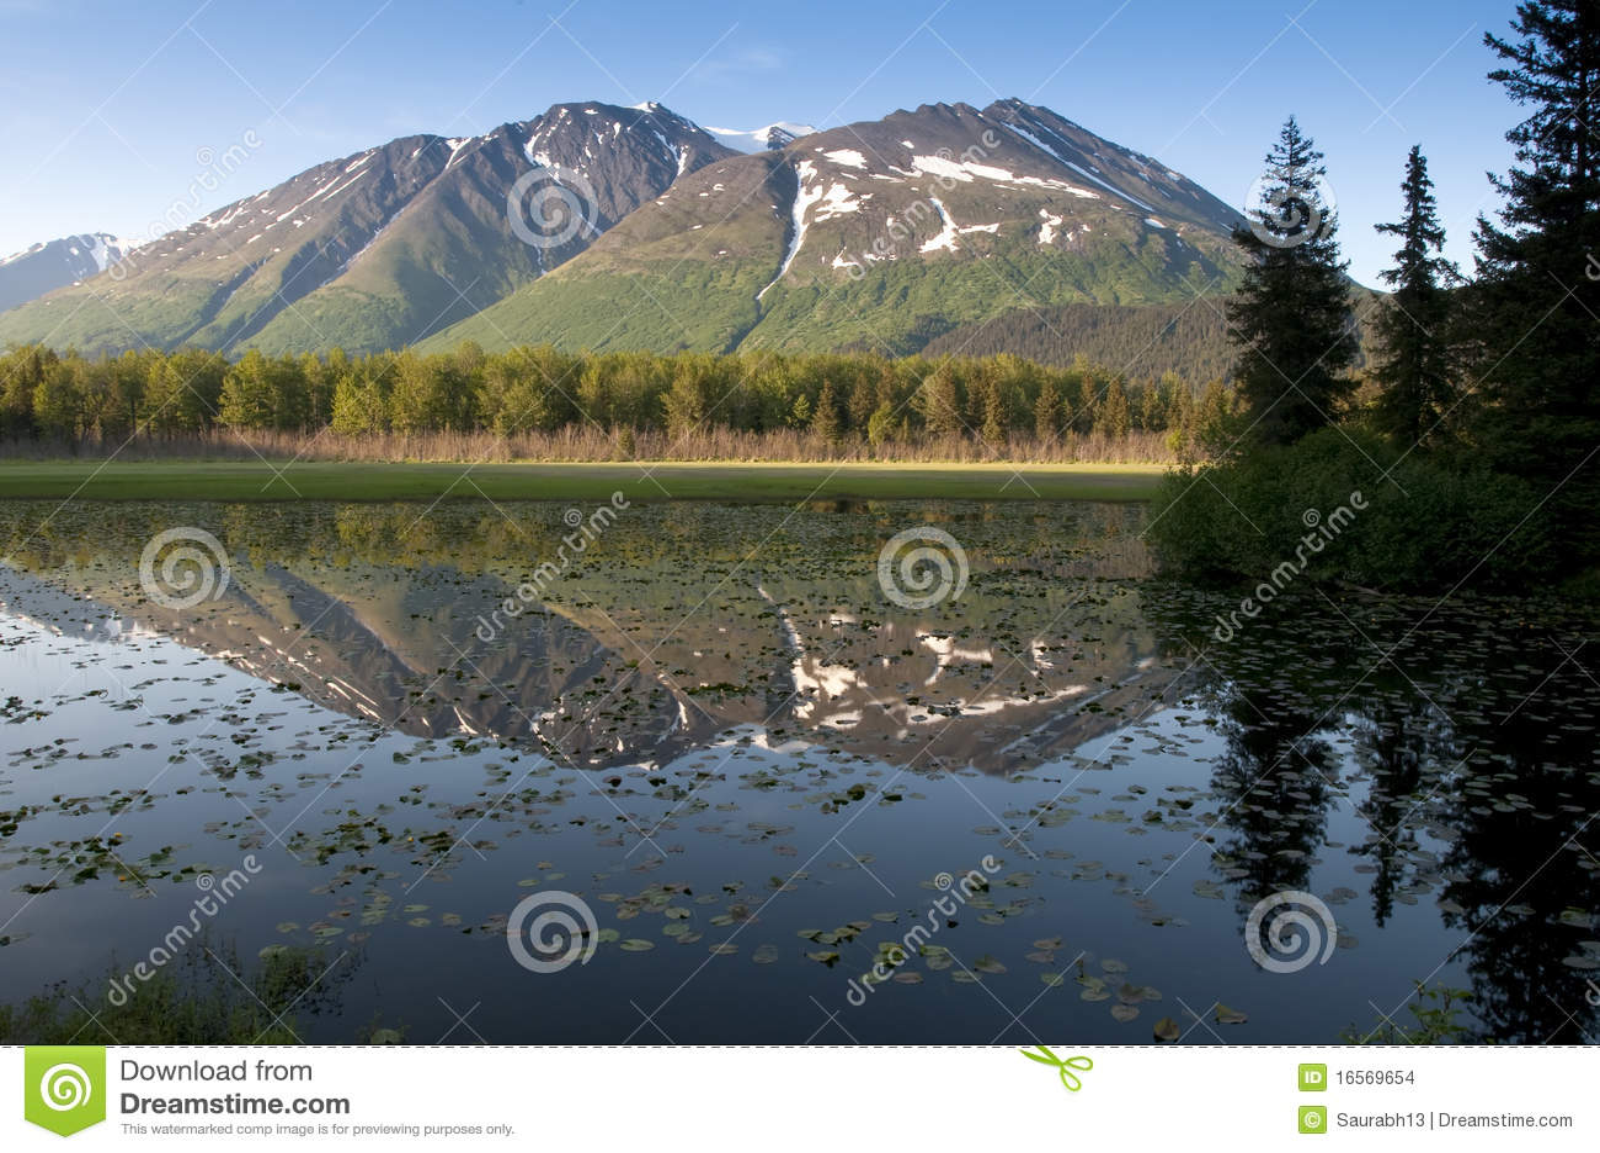 Kenai Peninsula in Alaska